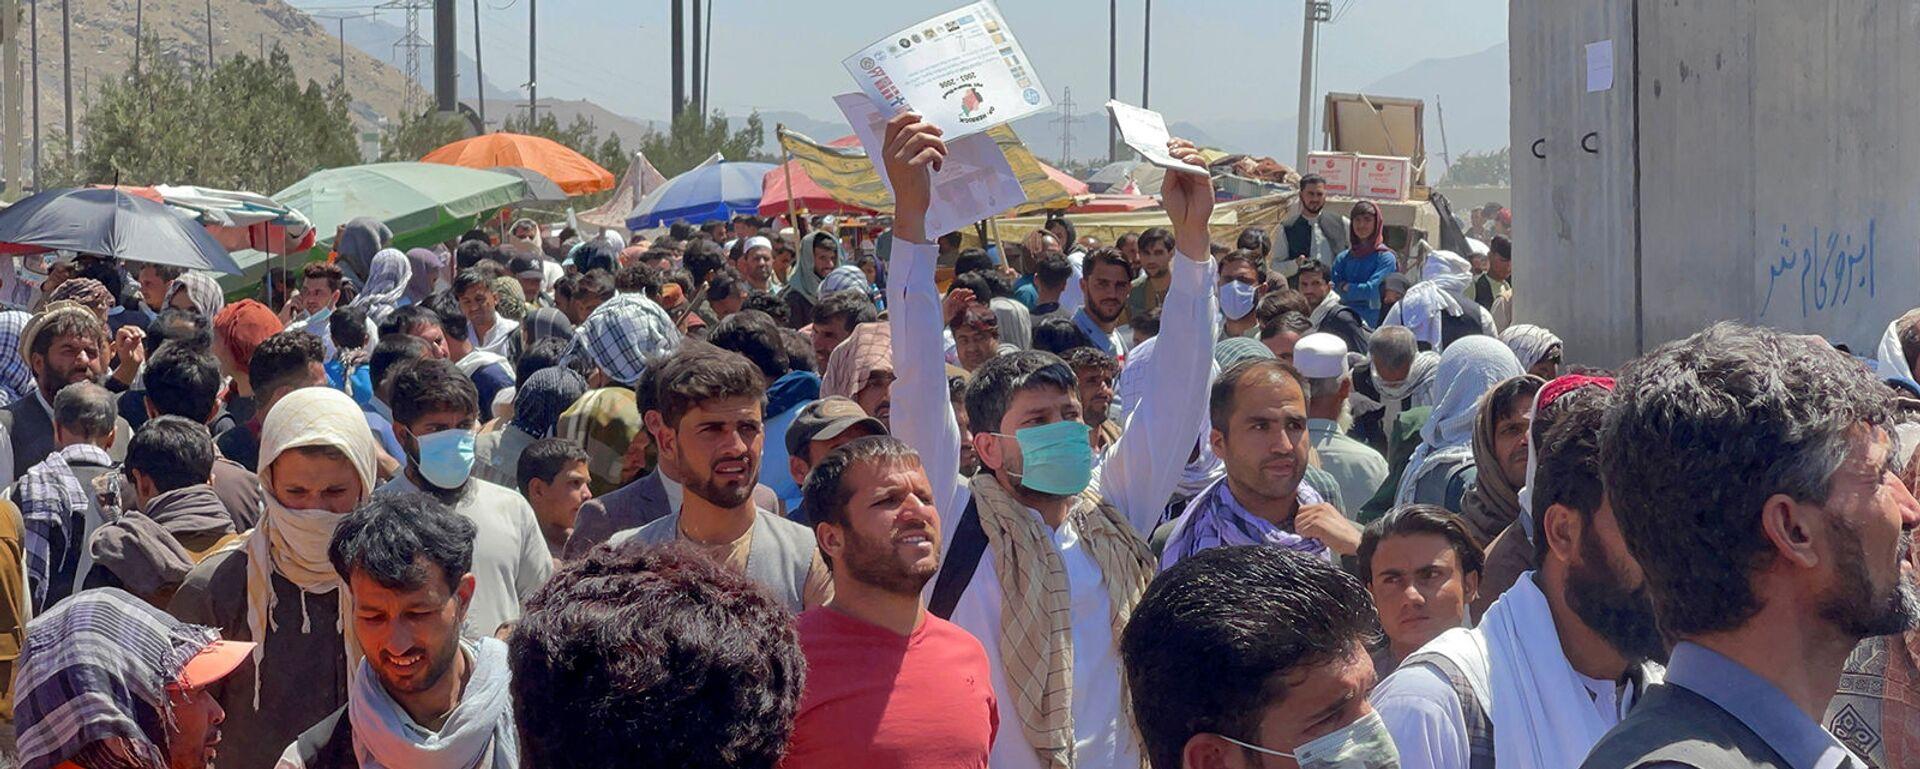 Толпы людей показывают свои документы военнослужащим США у аэропорта (26 августа 2021). Кабул - Sputnik Արմենիա, 1920, 07.09.2021